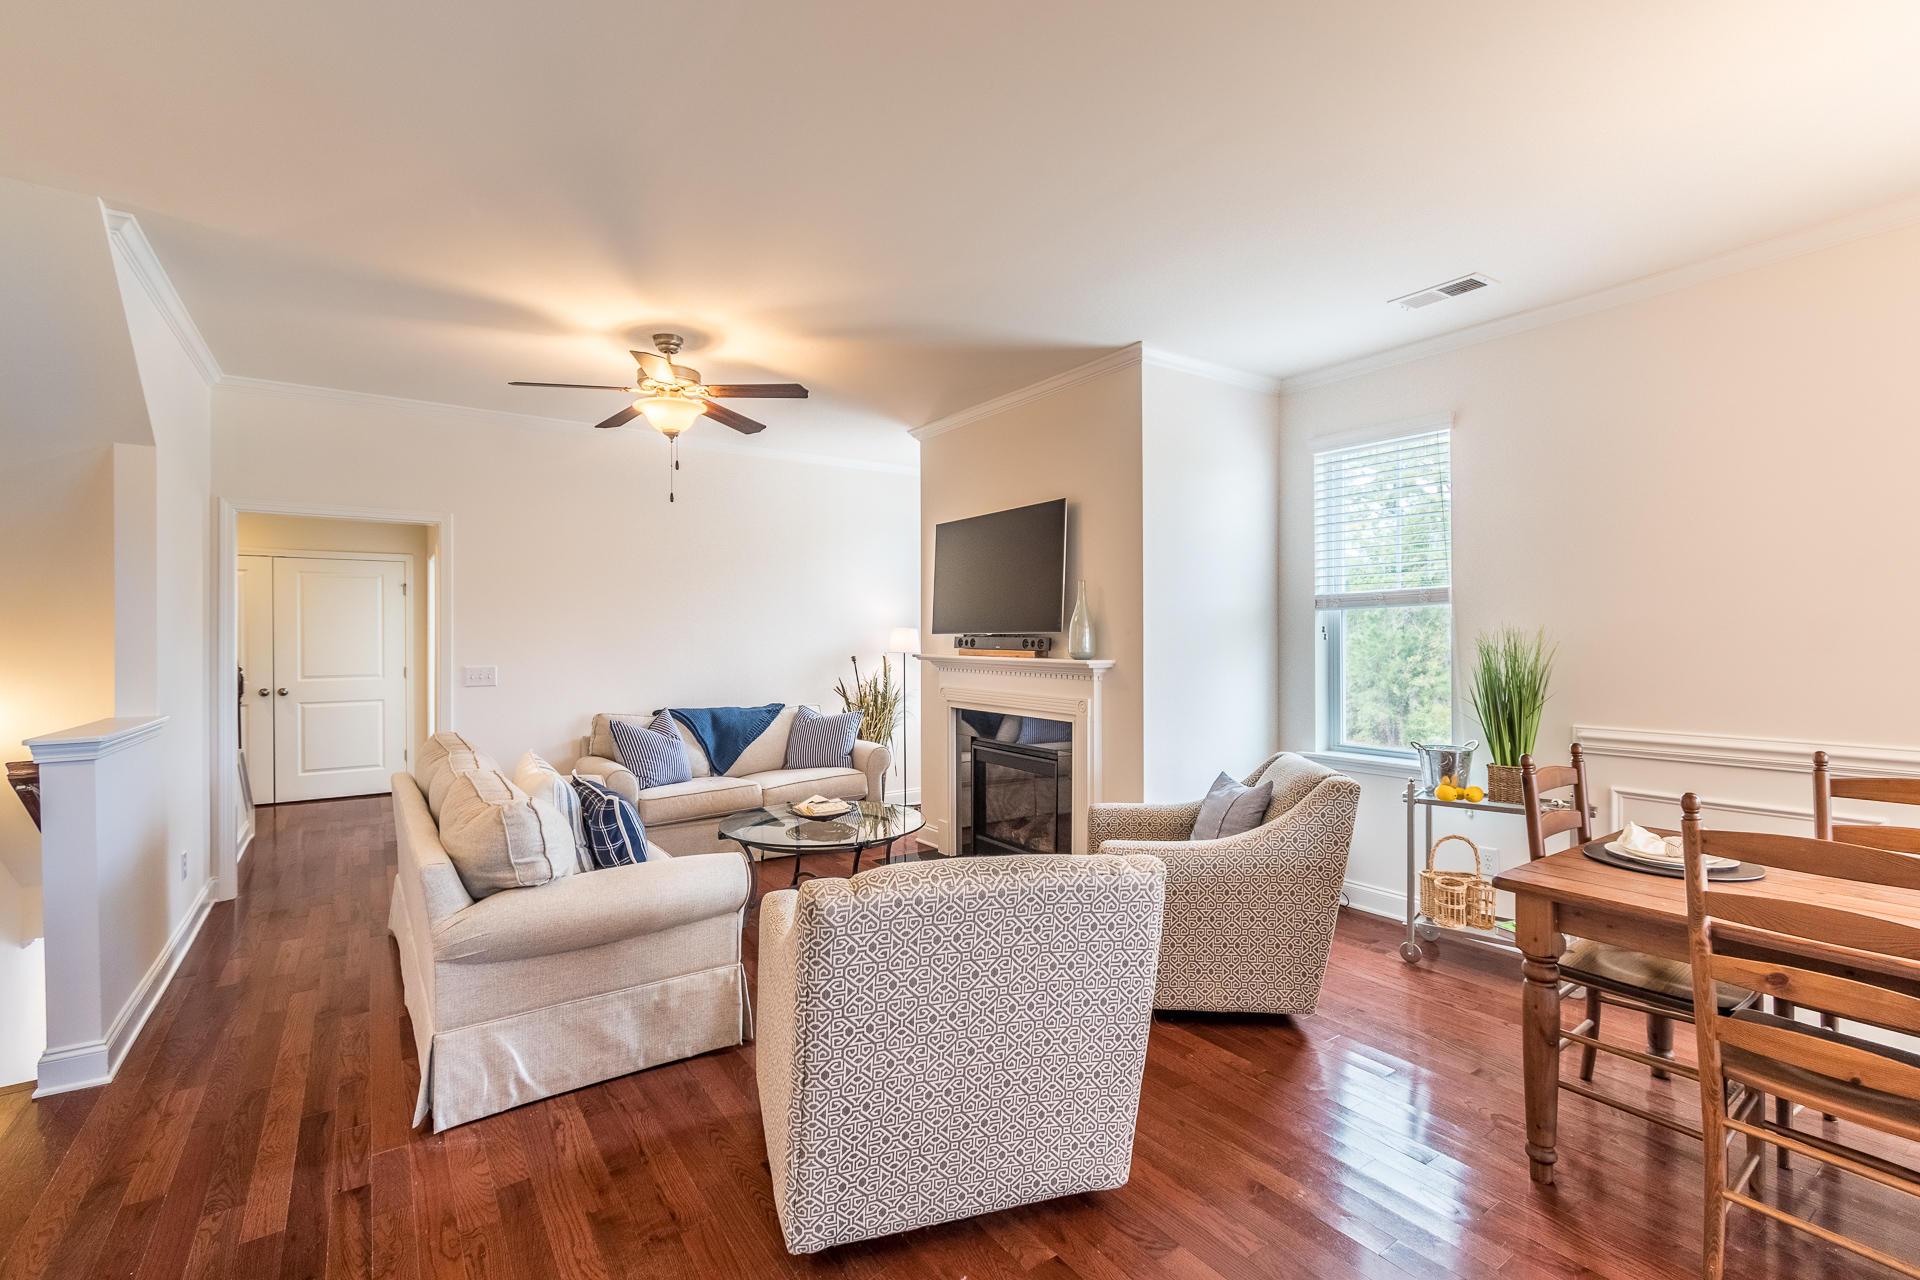 Royal Palms Homes For Sale - 1281 Dingle, Mount Pleasant, SC - 15